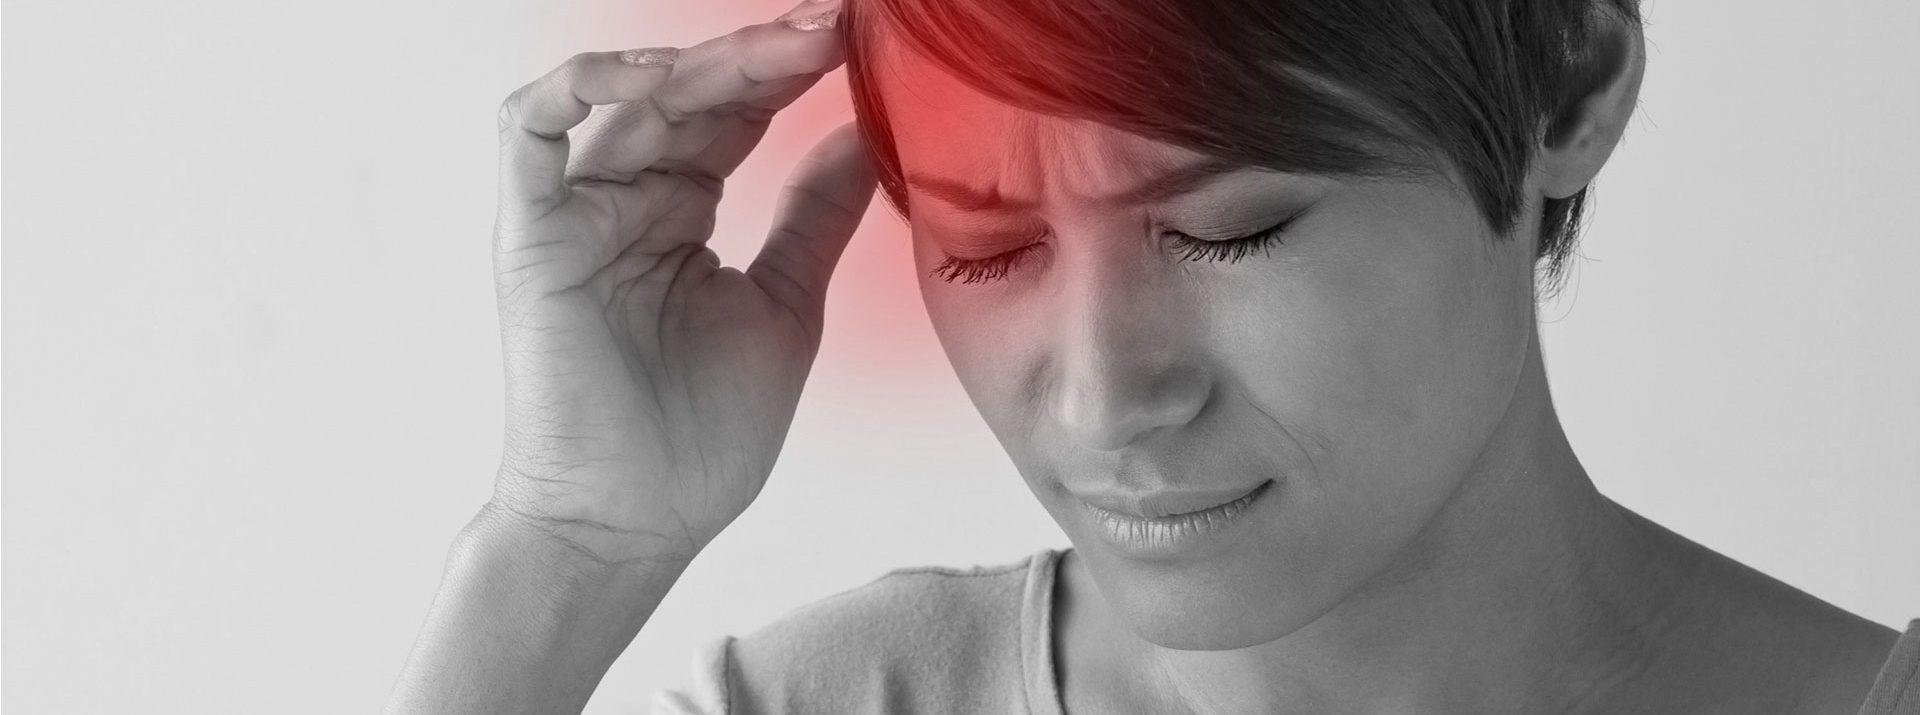 migraine-chiropractor-relief